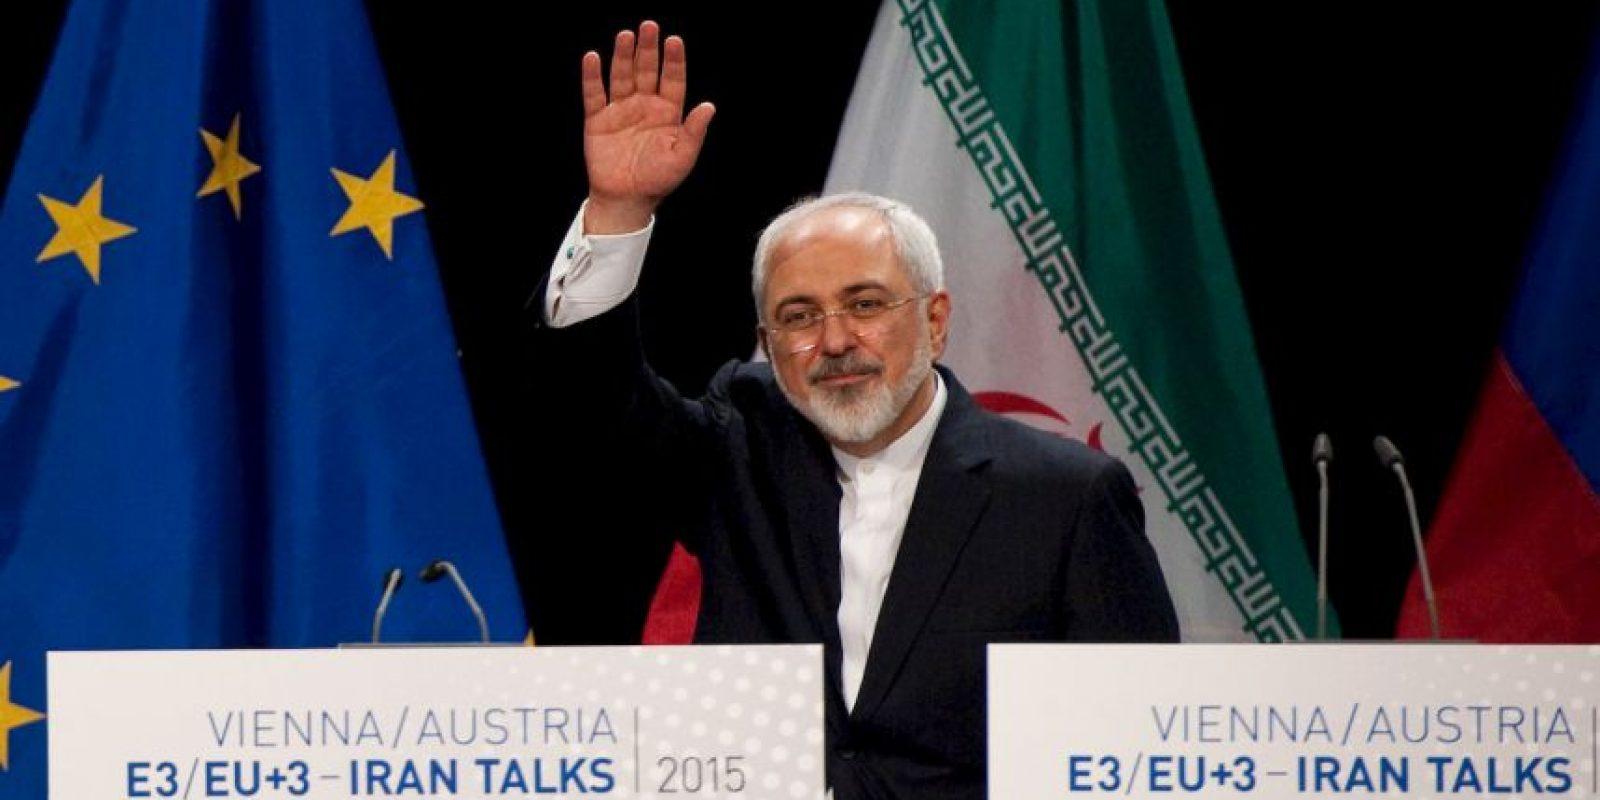 Estados Unidos, junto con otras seis potencas mundiales, logra acuerdo nuclear con Irán. Foto:AFP